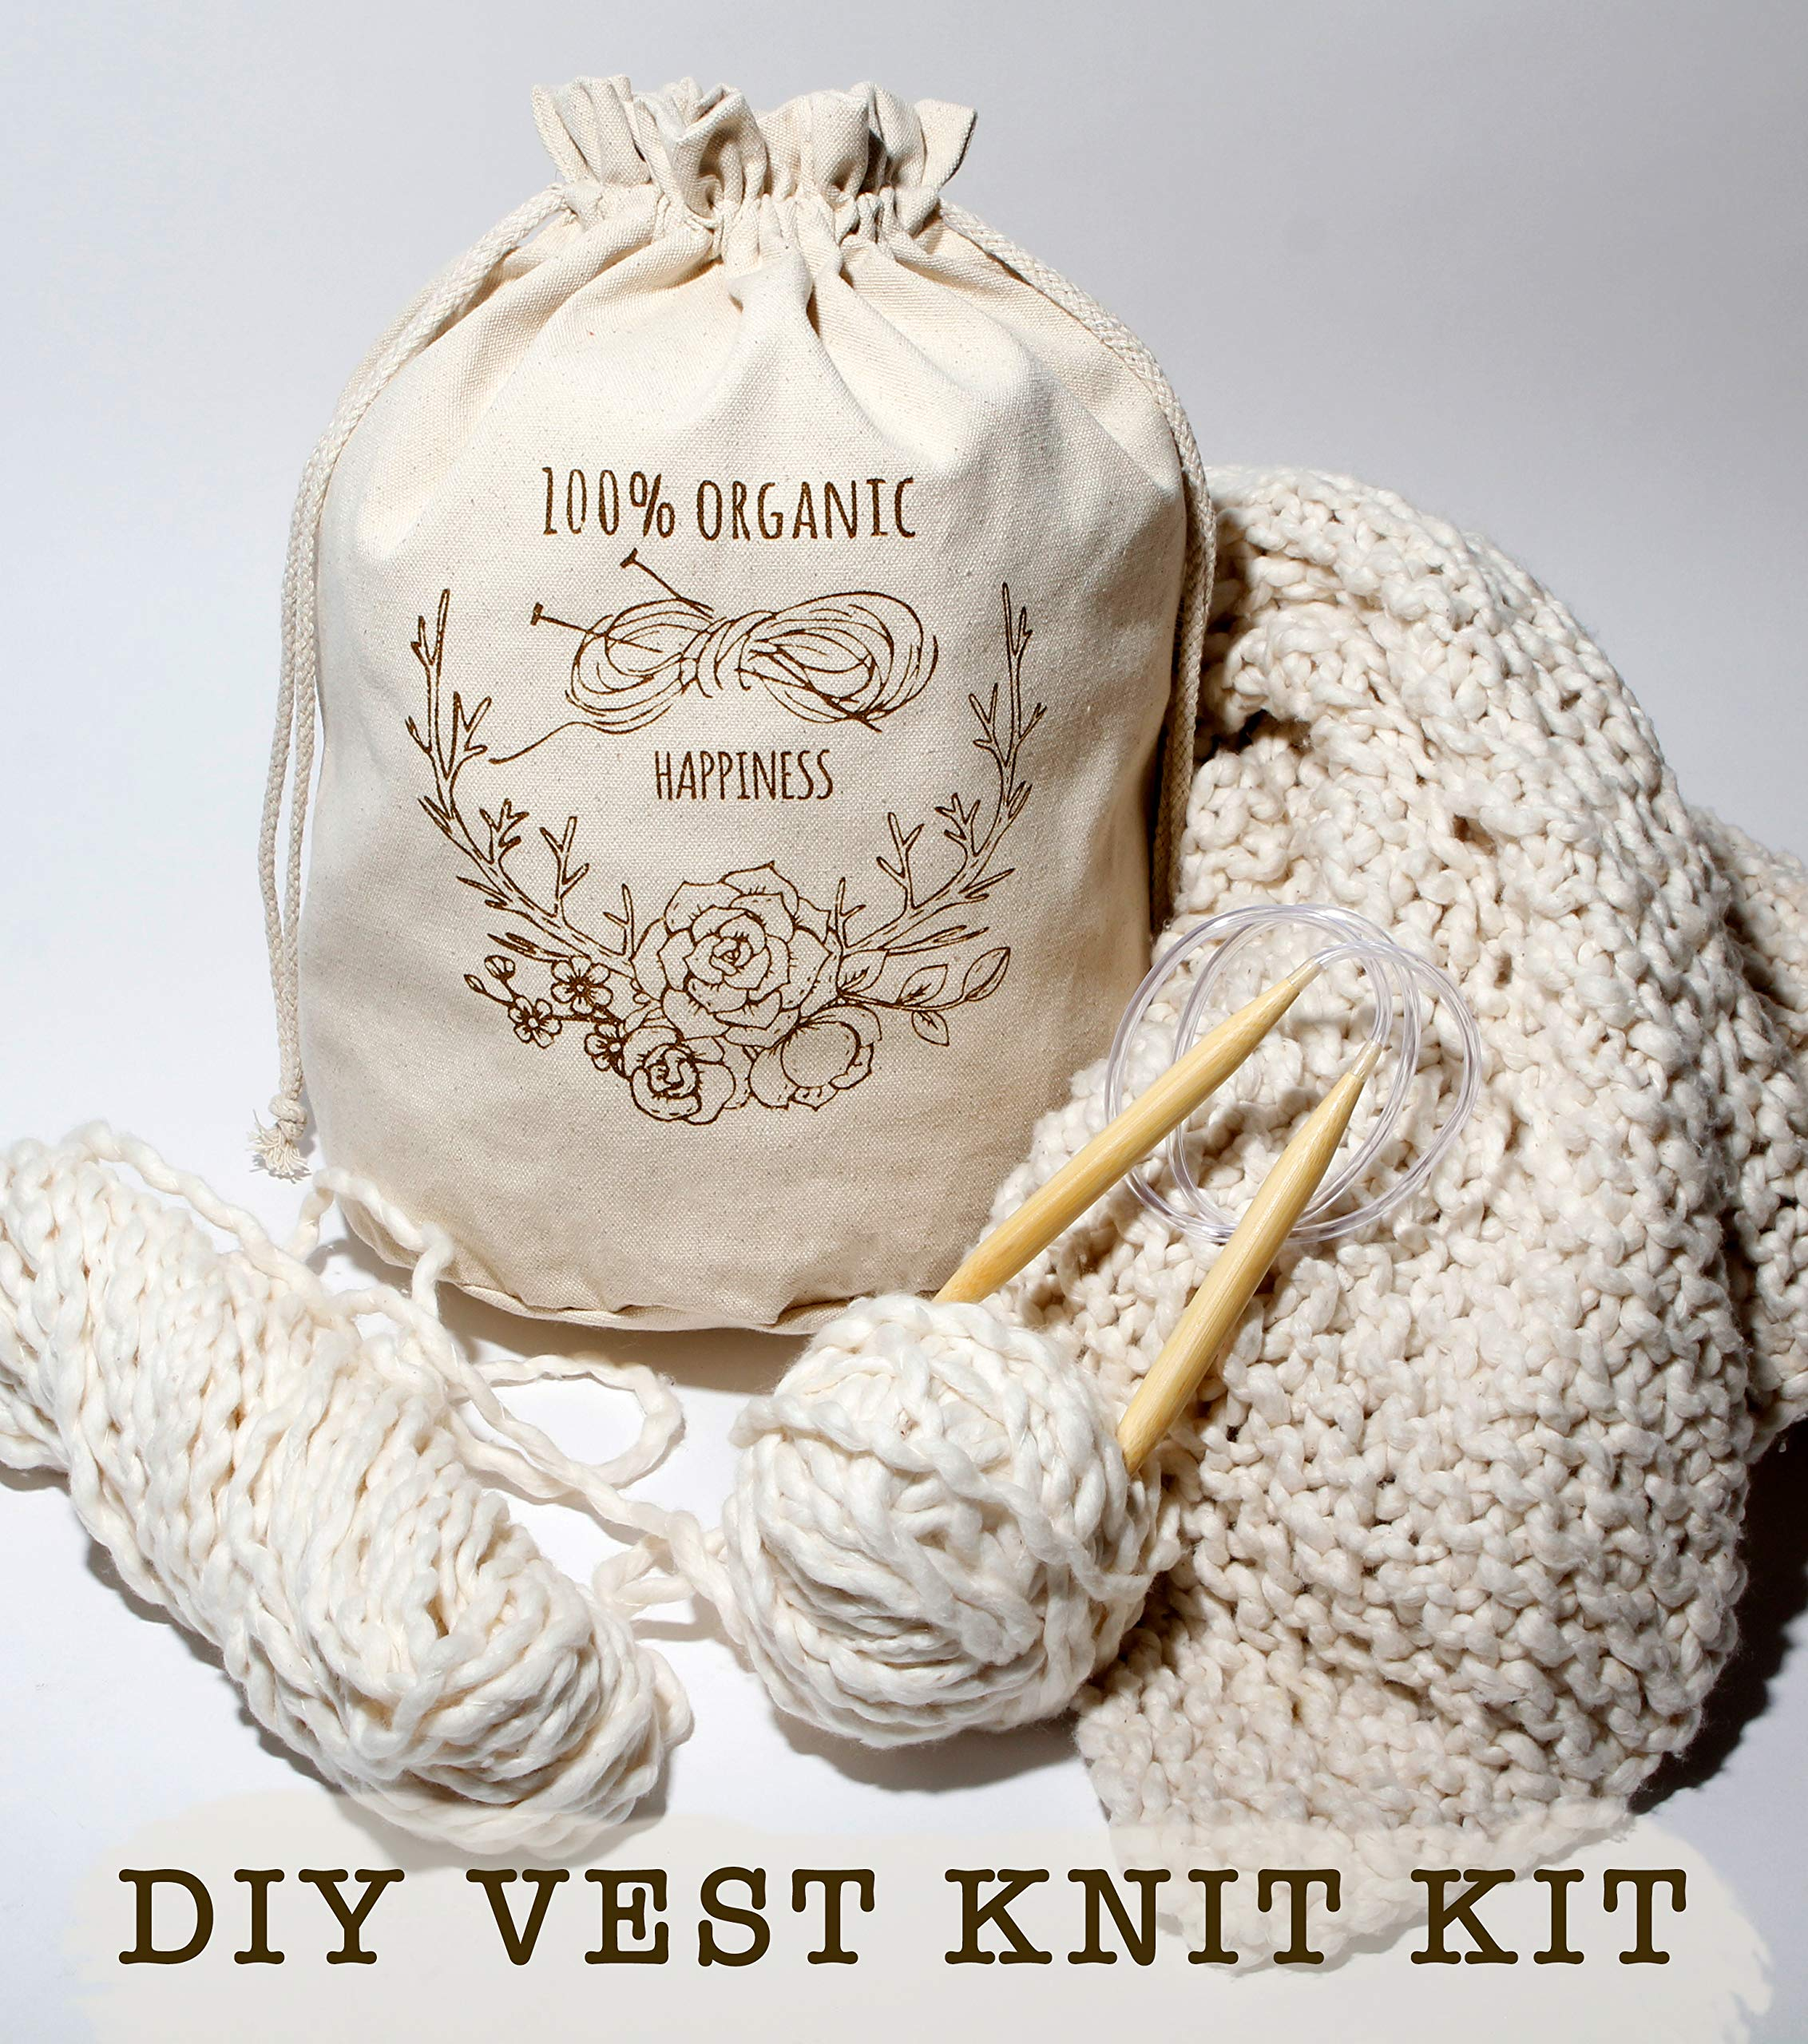 ARTE WEAR DIY Vest Knitting KIT by ARTE WEAR (Image #2)